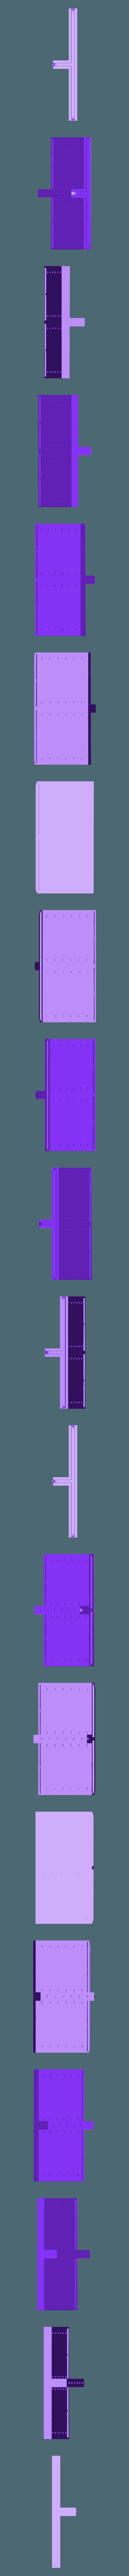 Minimal_Metal_Wall.stl Download free STL file Minimal Star Ship • Design to 3D print, mrhers2